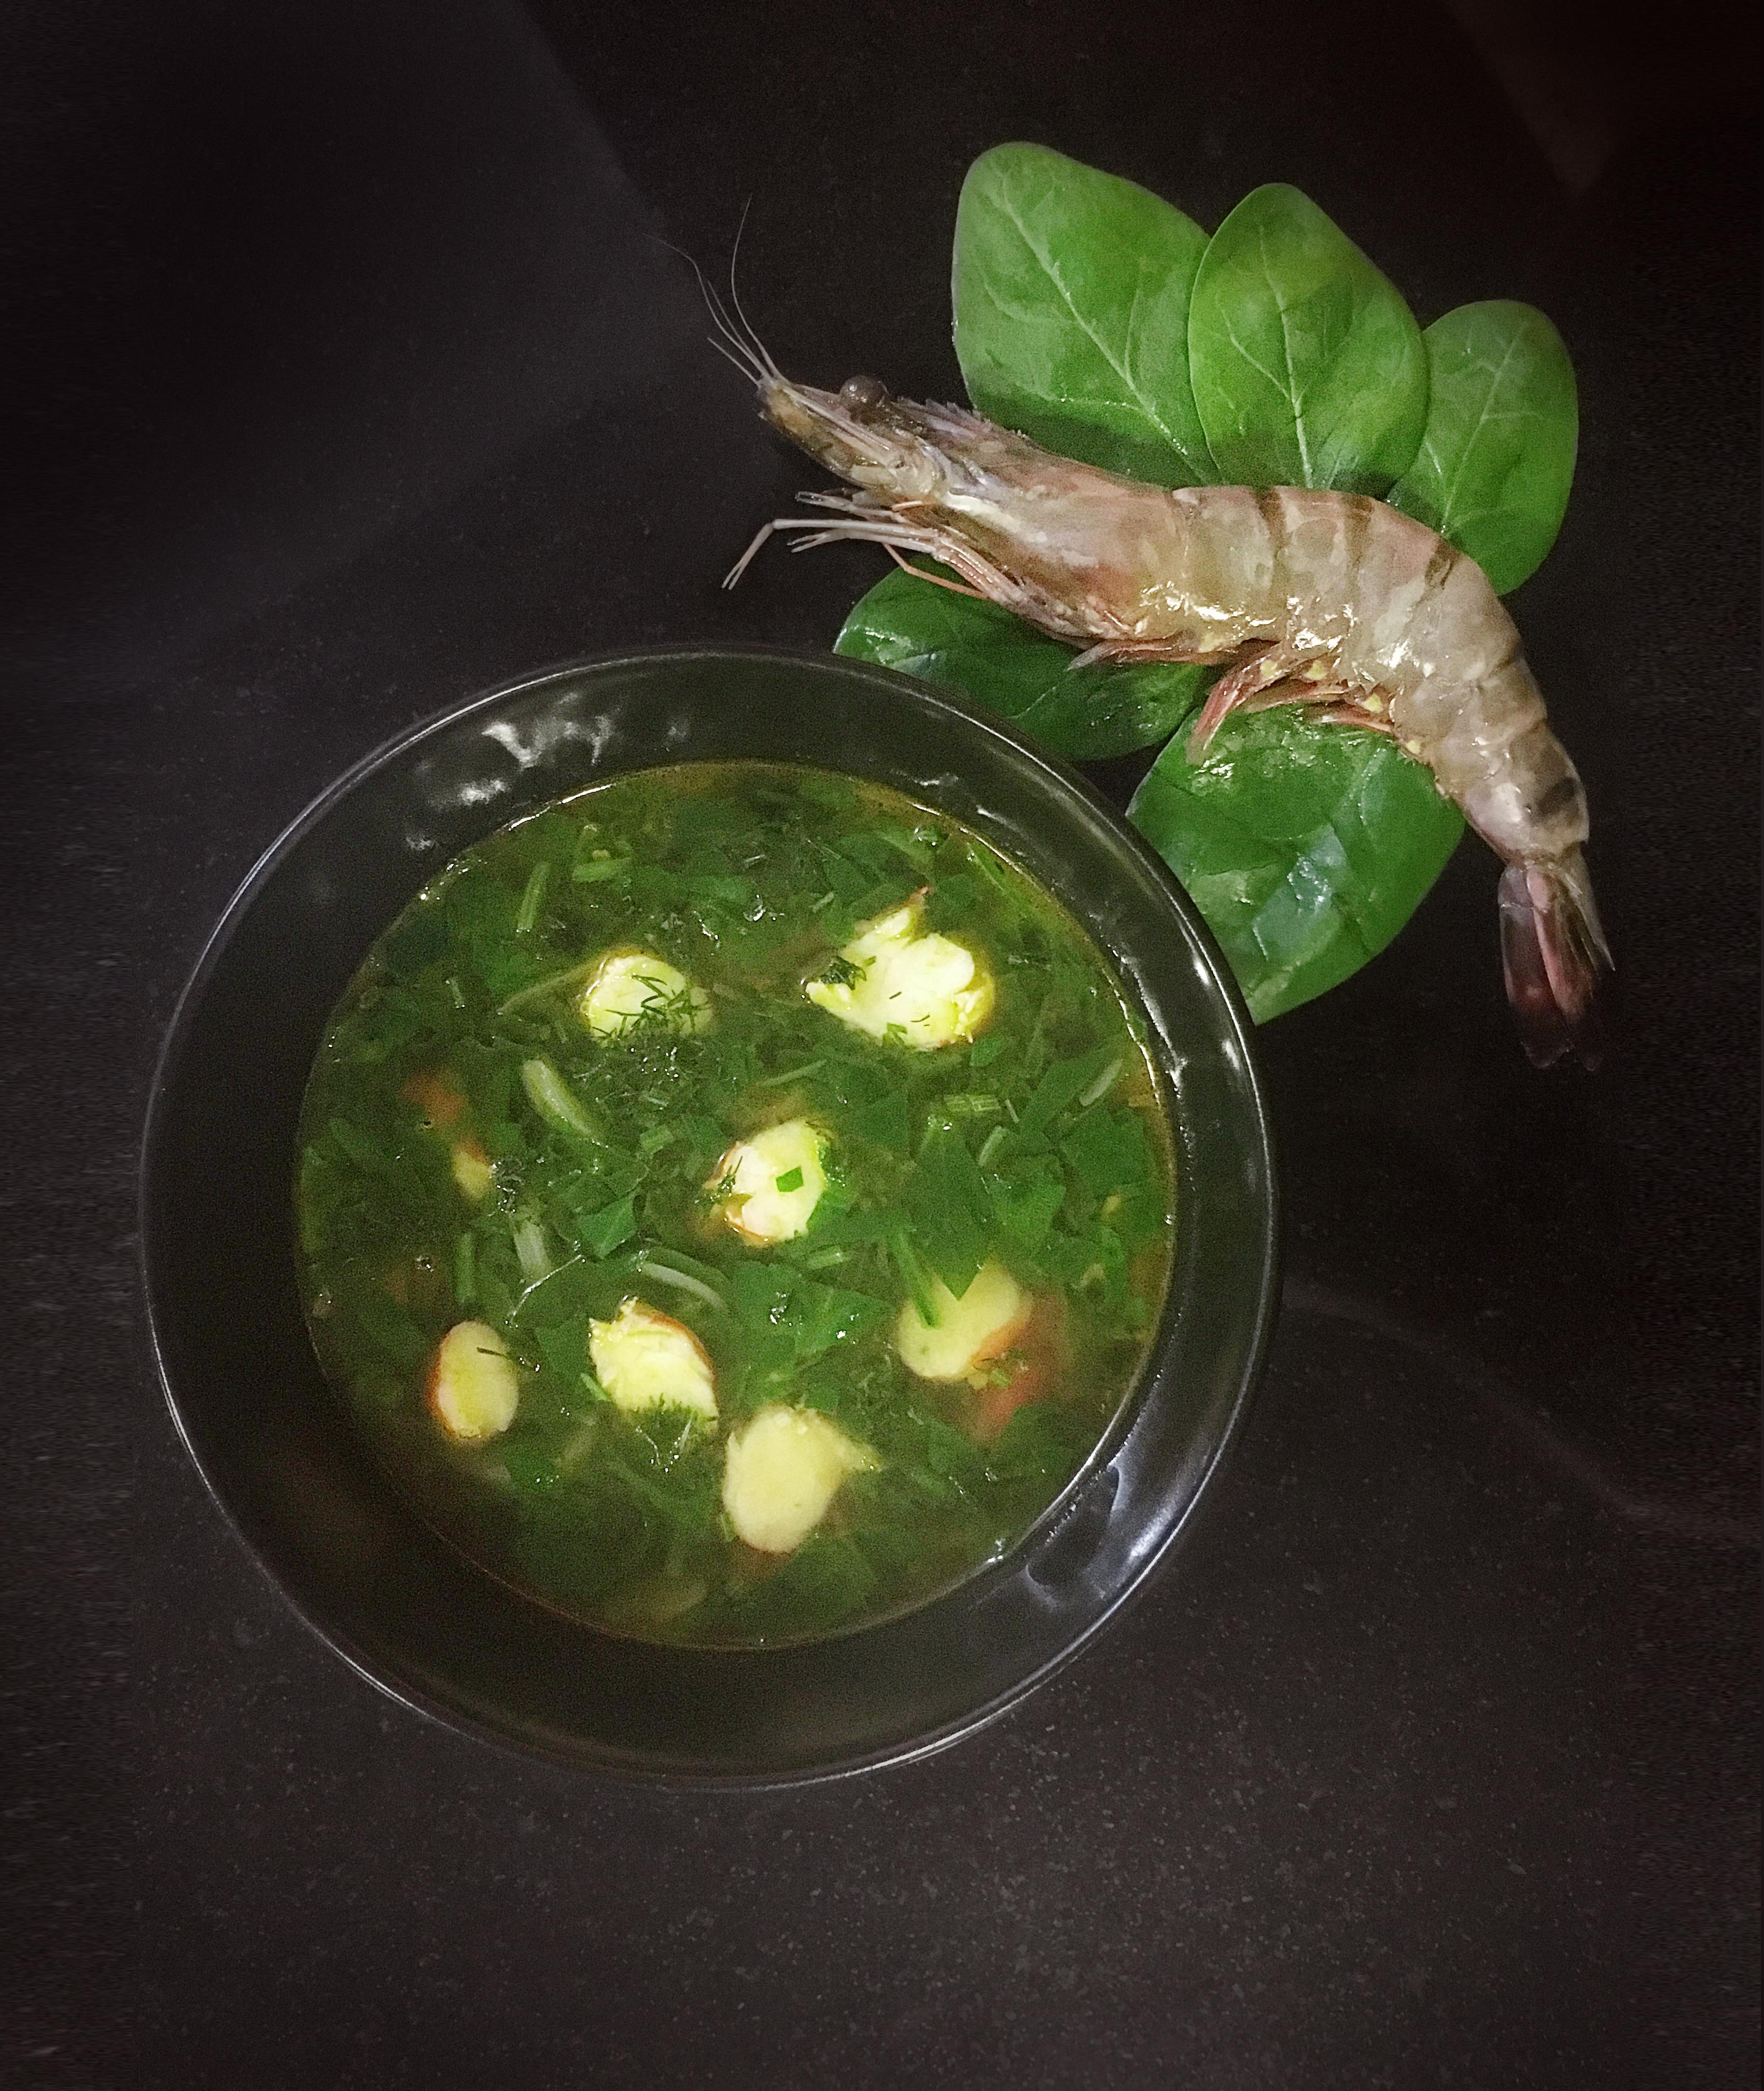 Σούπα με σπανάκι, γαρίδα και άρωμα άνηθου